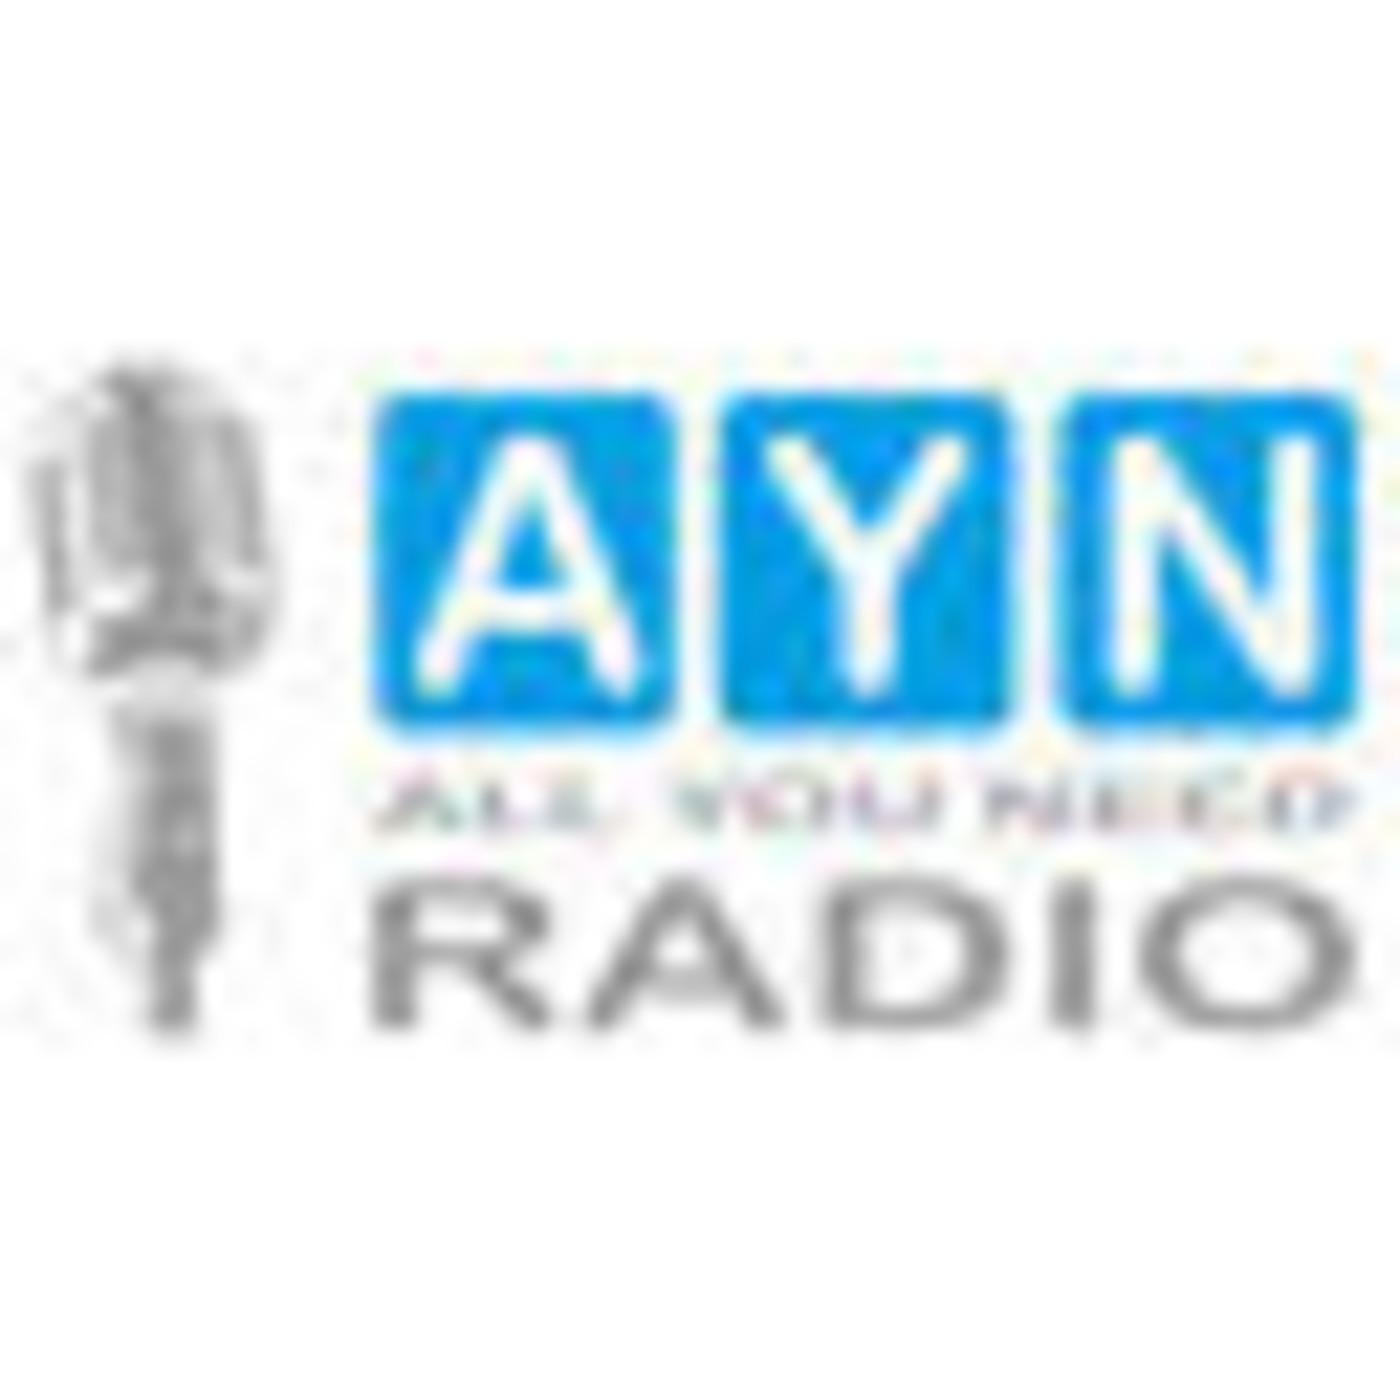 AYN RADIO (All you need radio)